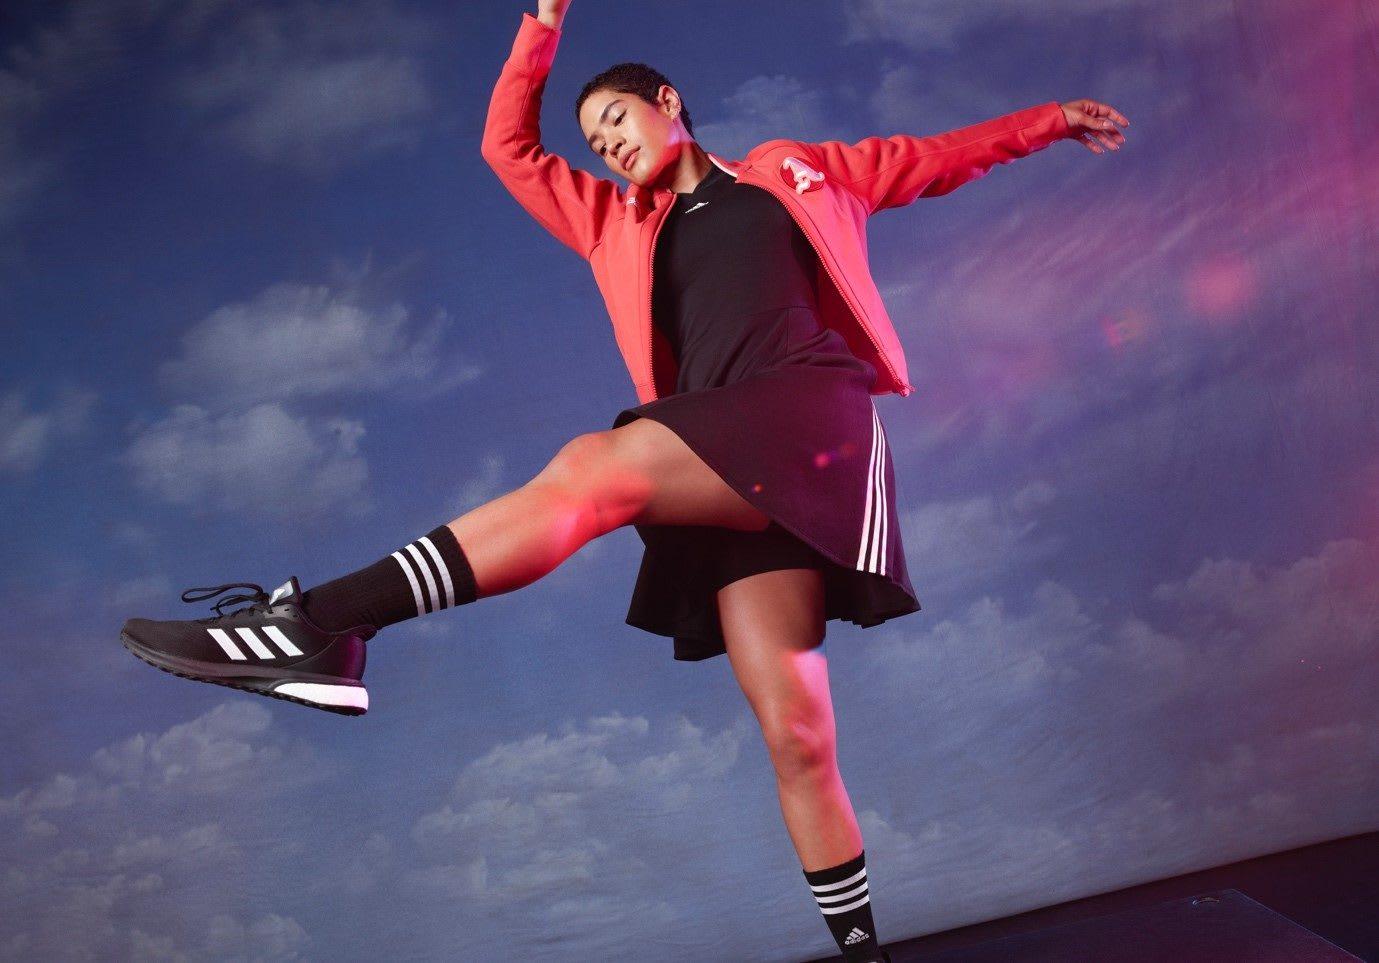 adidas women dances in adidas gear